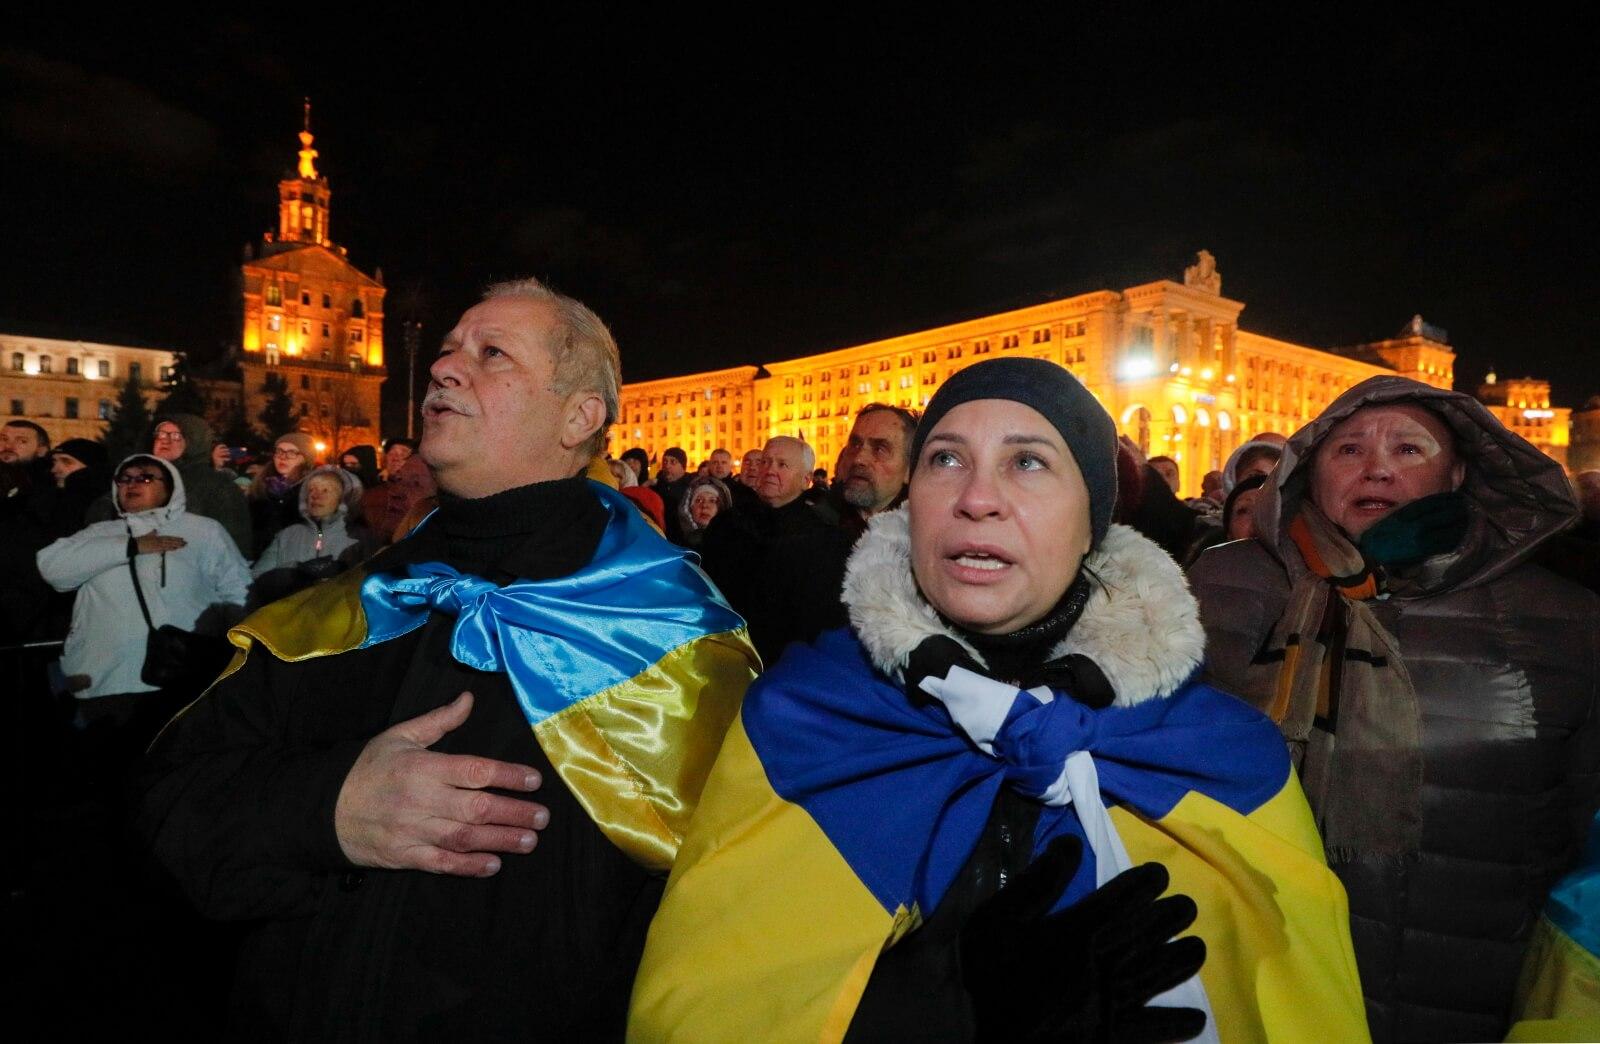 Rocznica tzw. Euromajdanu w Kijowie fot. EPA/SERGEY DOLZHENKO